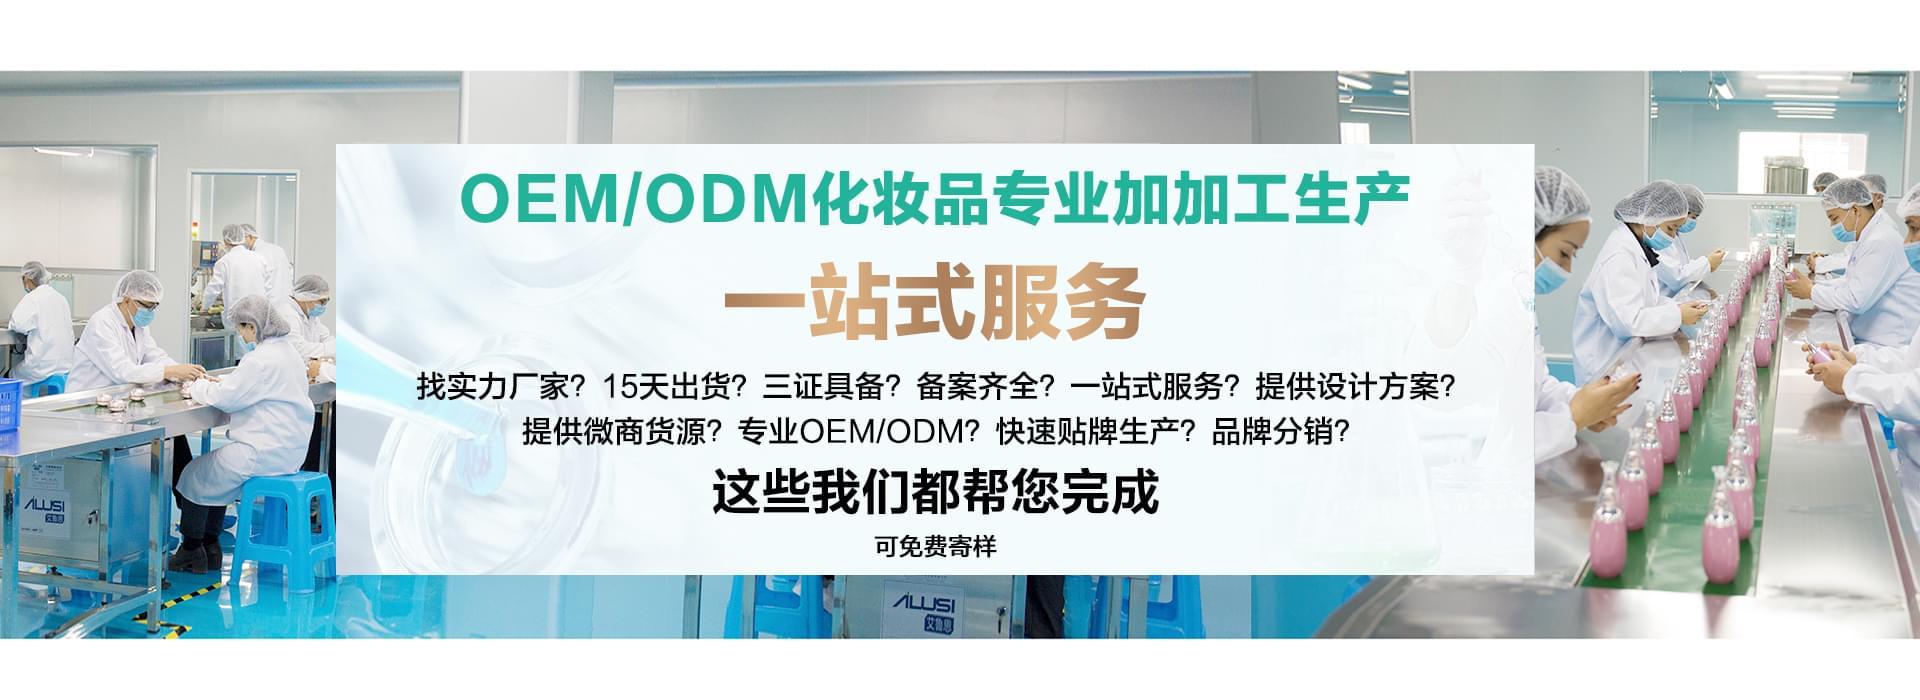 欧泉生化-中国化妆品OEM/ODM一站式制造服务商